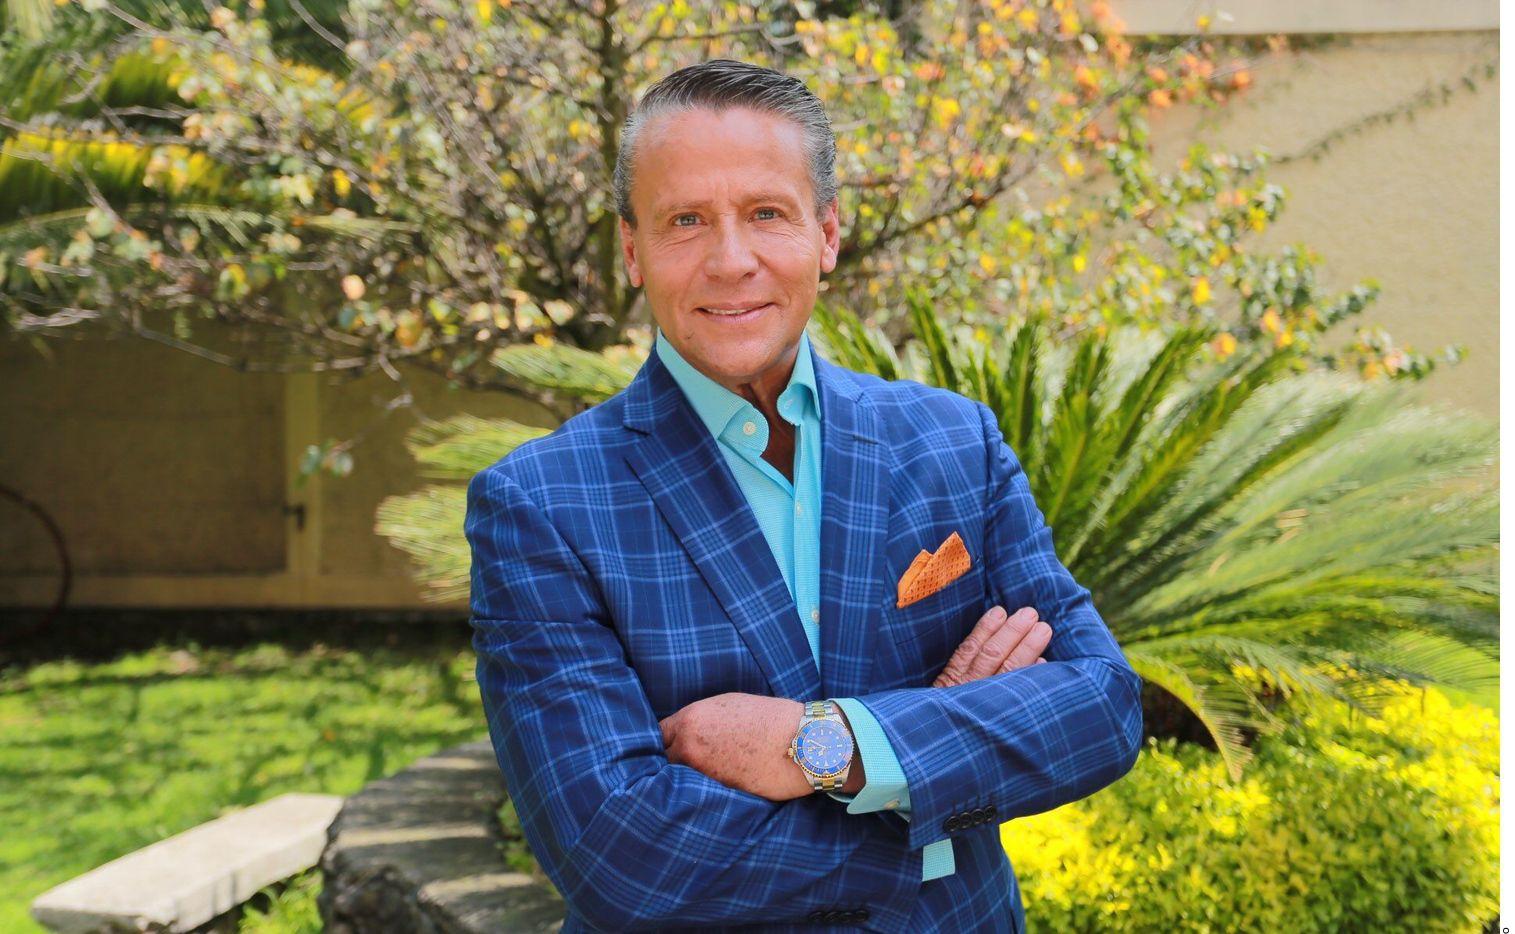 Un juez vinculó a proceso a Alfredo Adame, actor y candidato de Redes Sociales Progresistas, por no avisar cambio de domicilio fiscal al SAT.